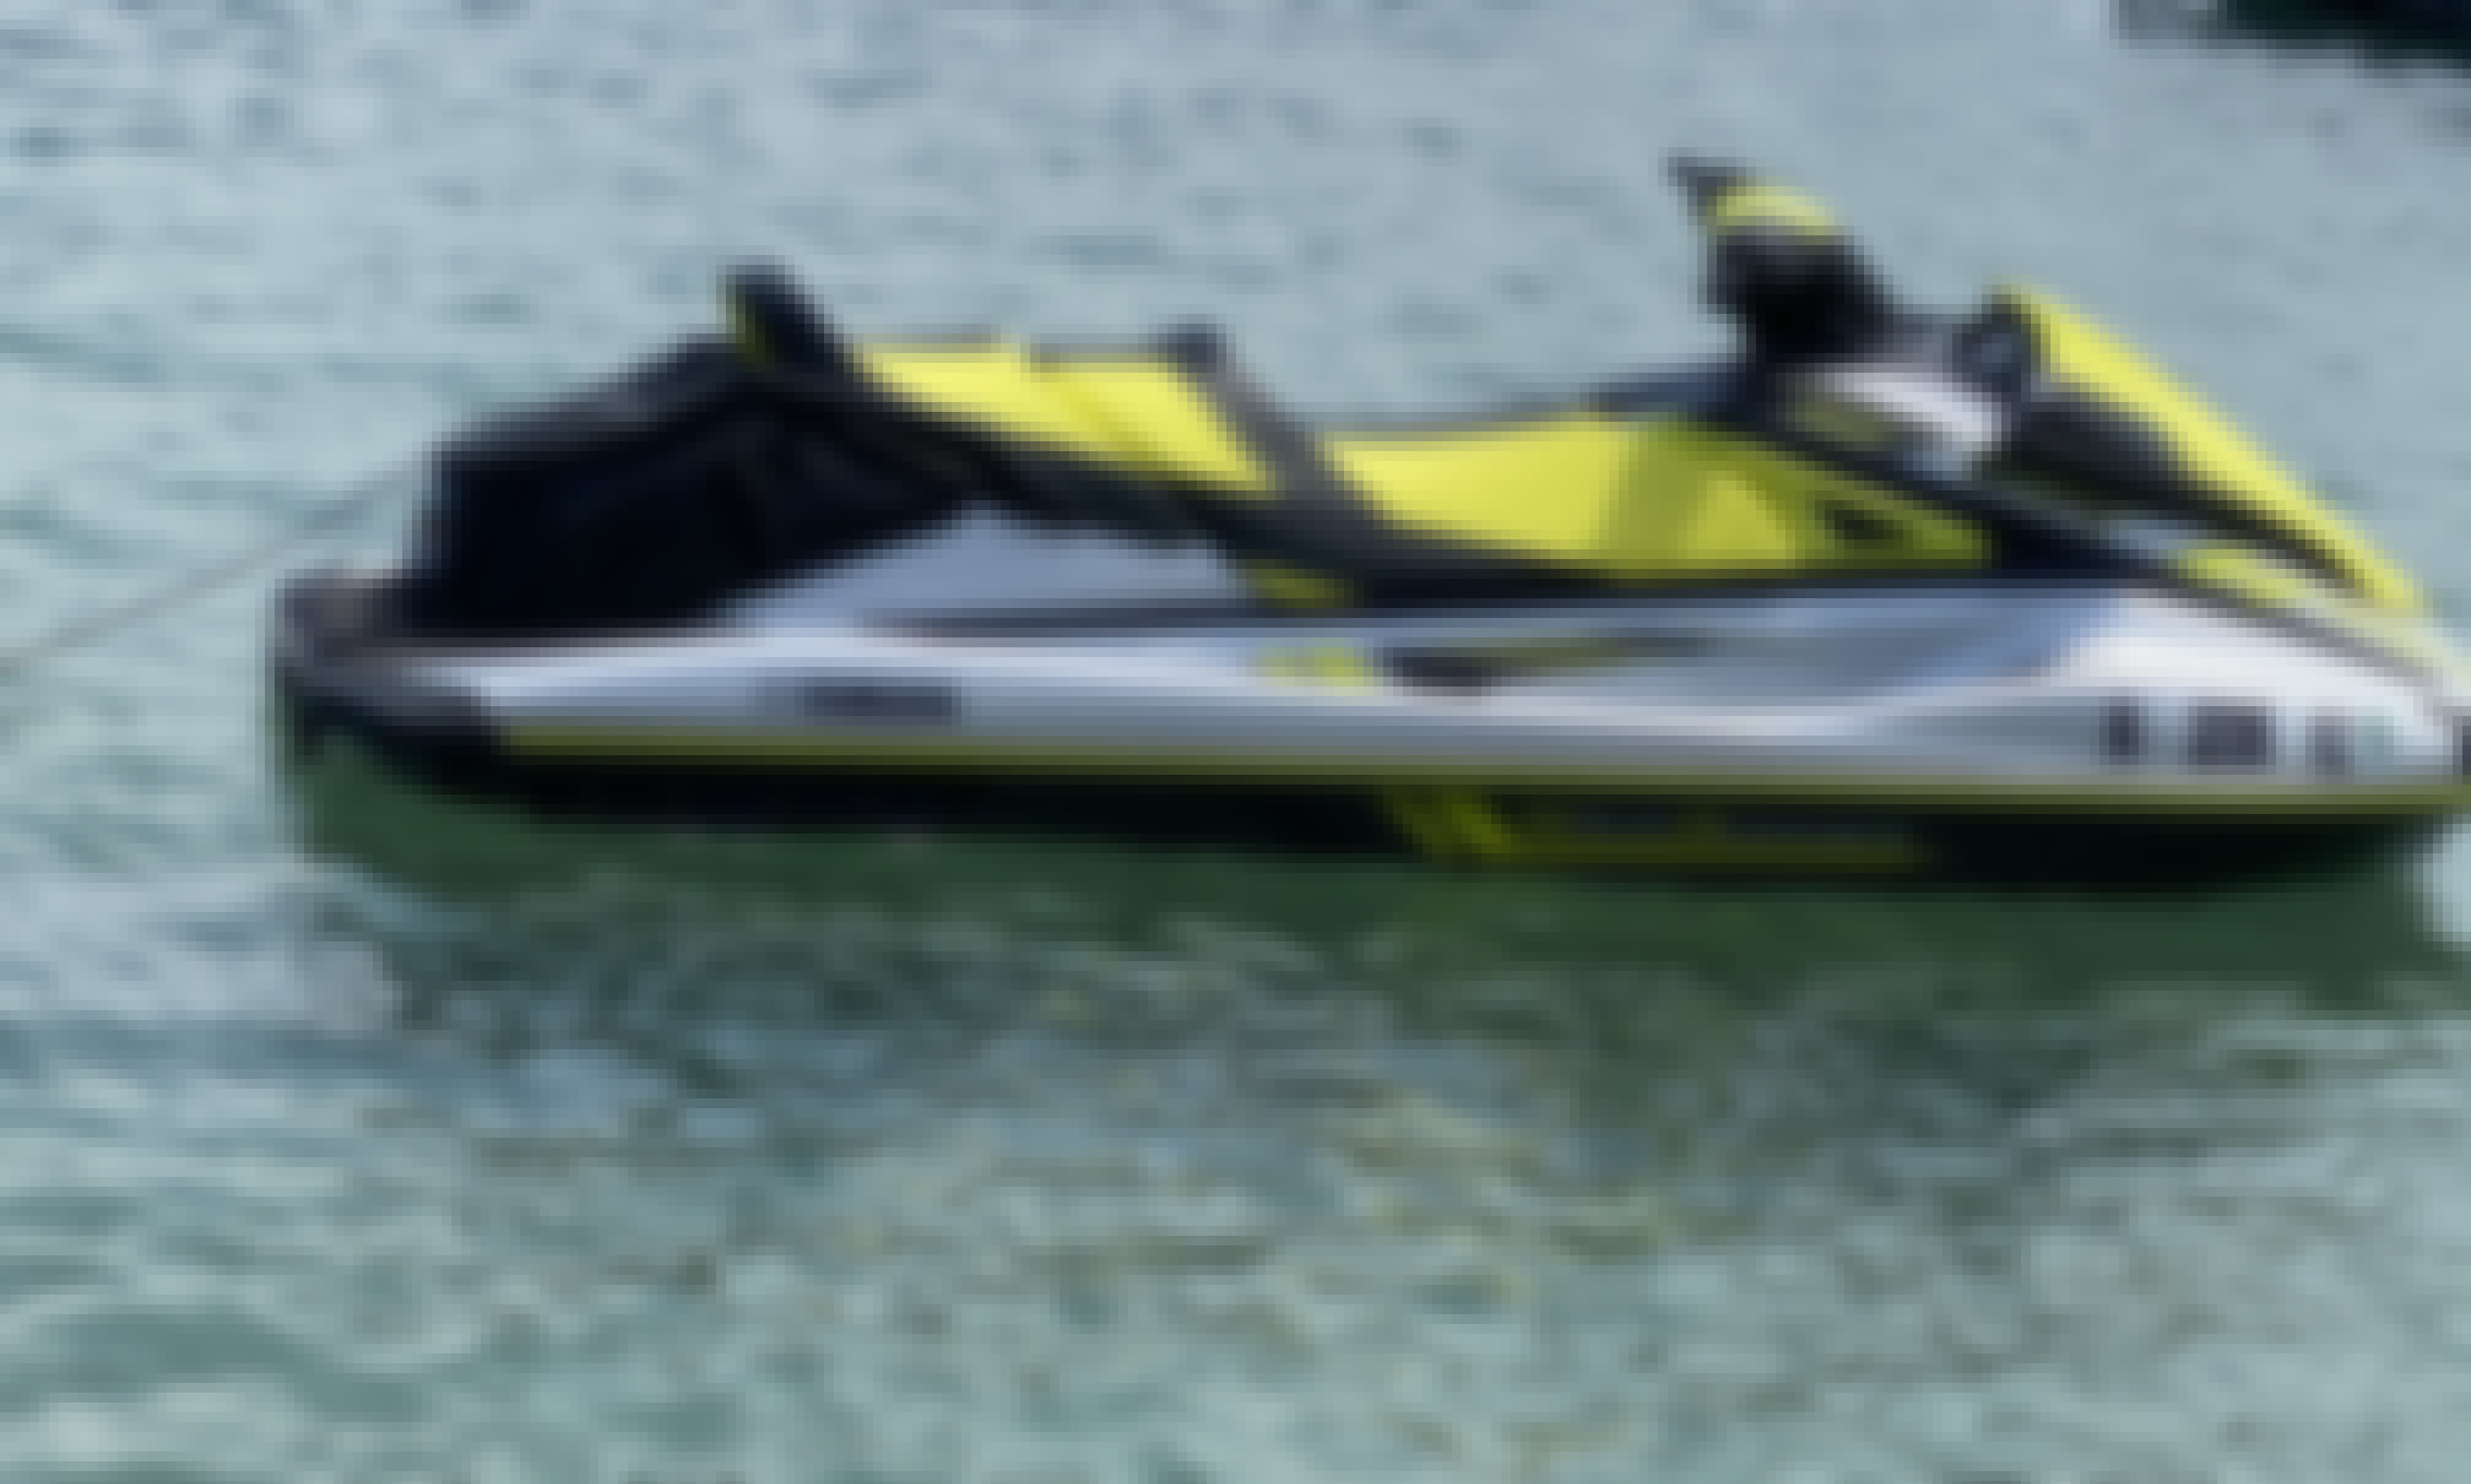 NEW 2020 Yamaha VX Cruiser HO Jet Ski for Rent in Chicago